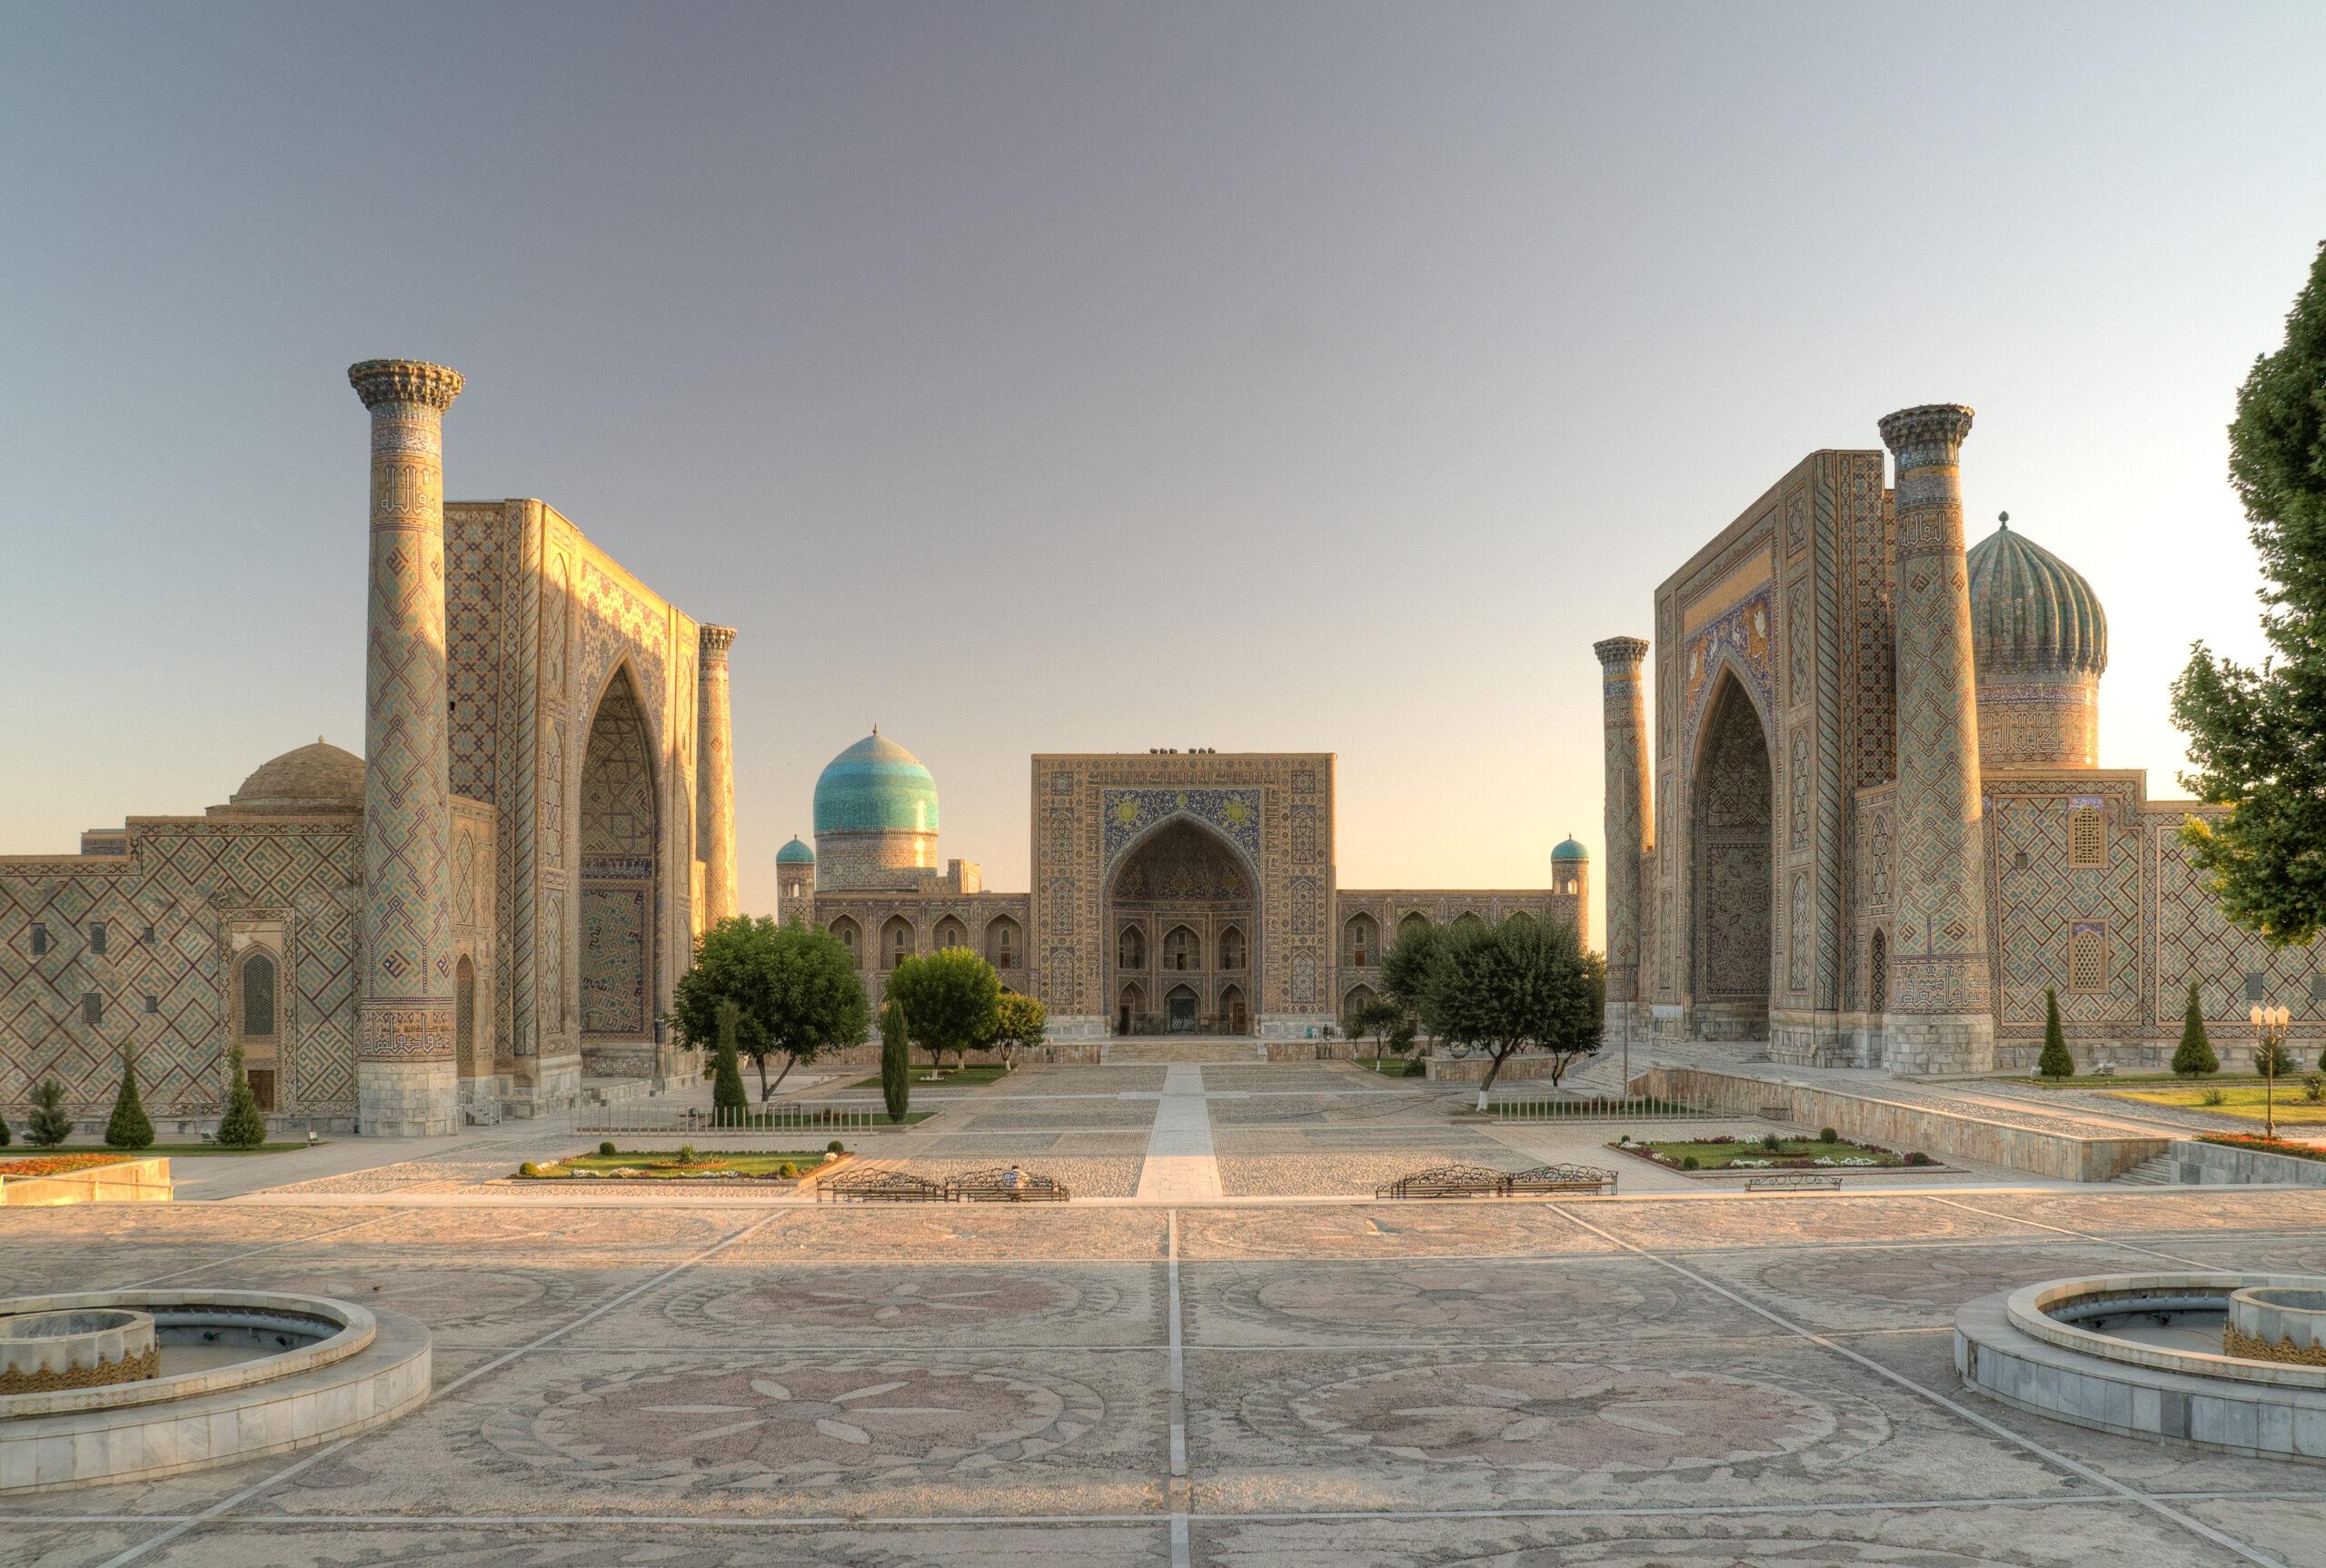 özbekistan semerkand